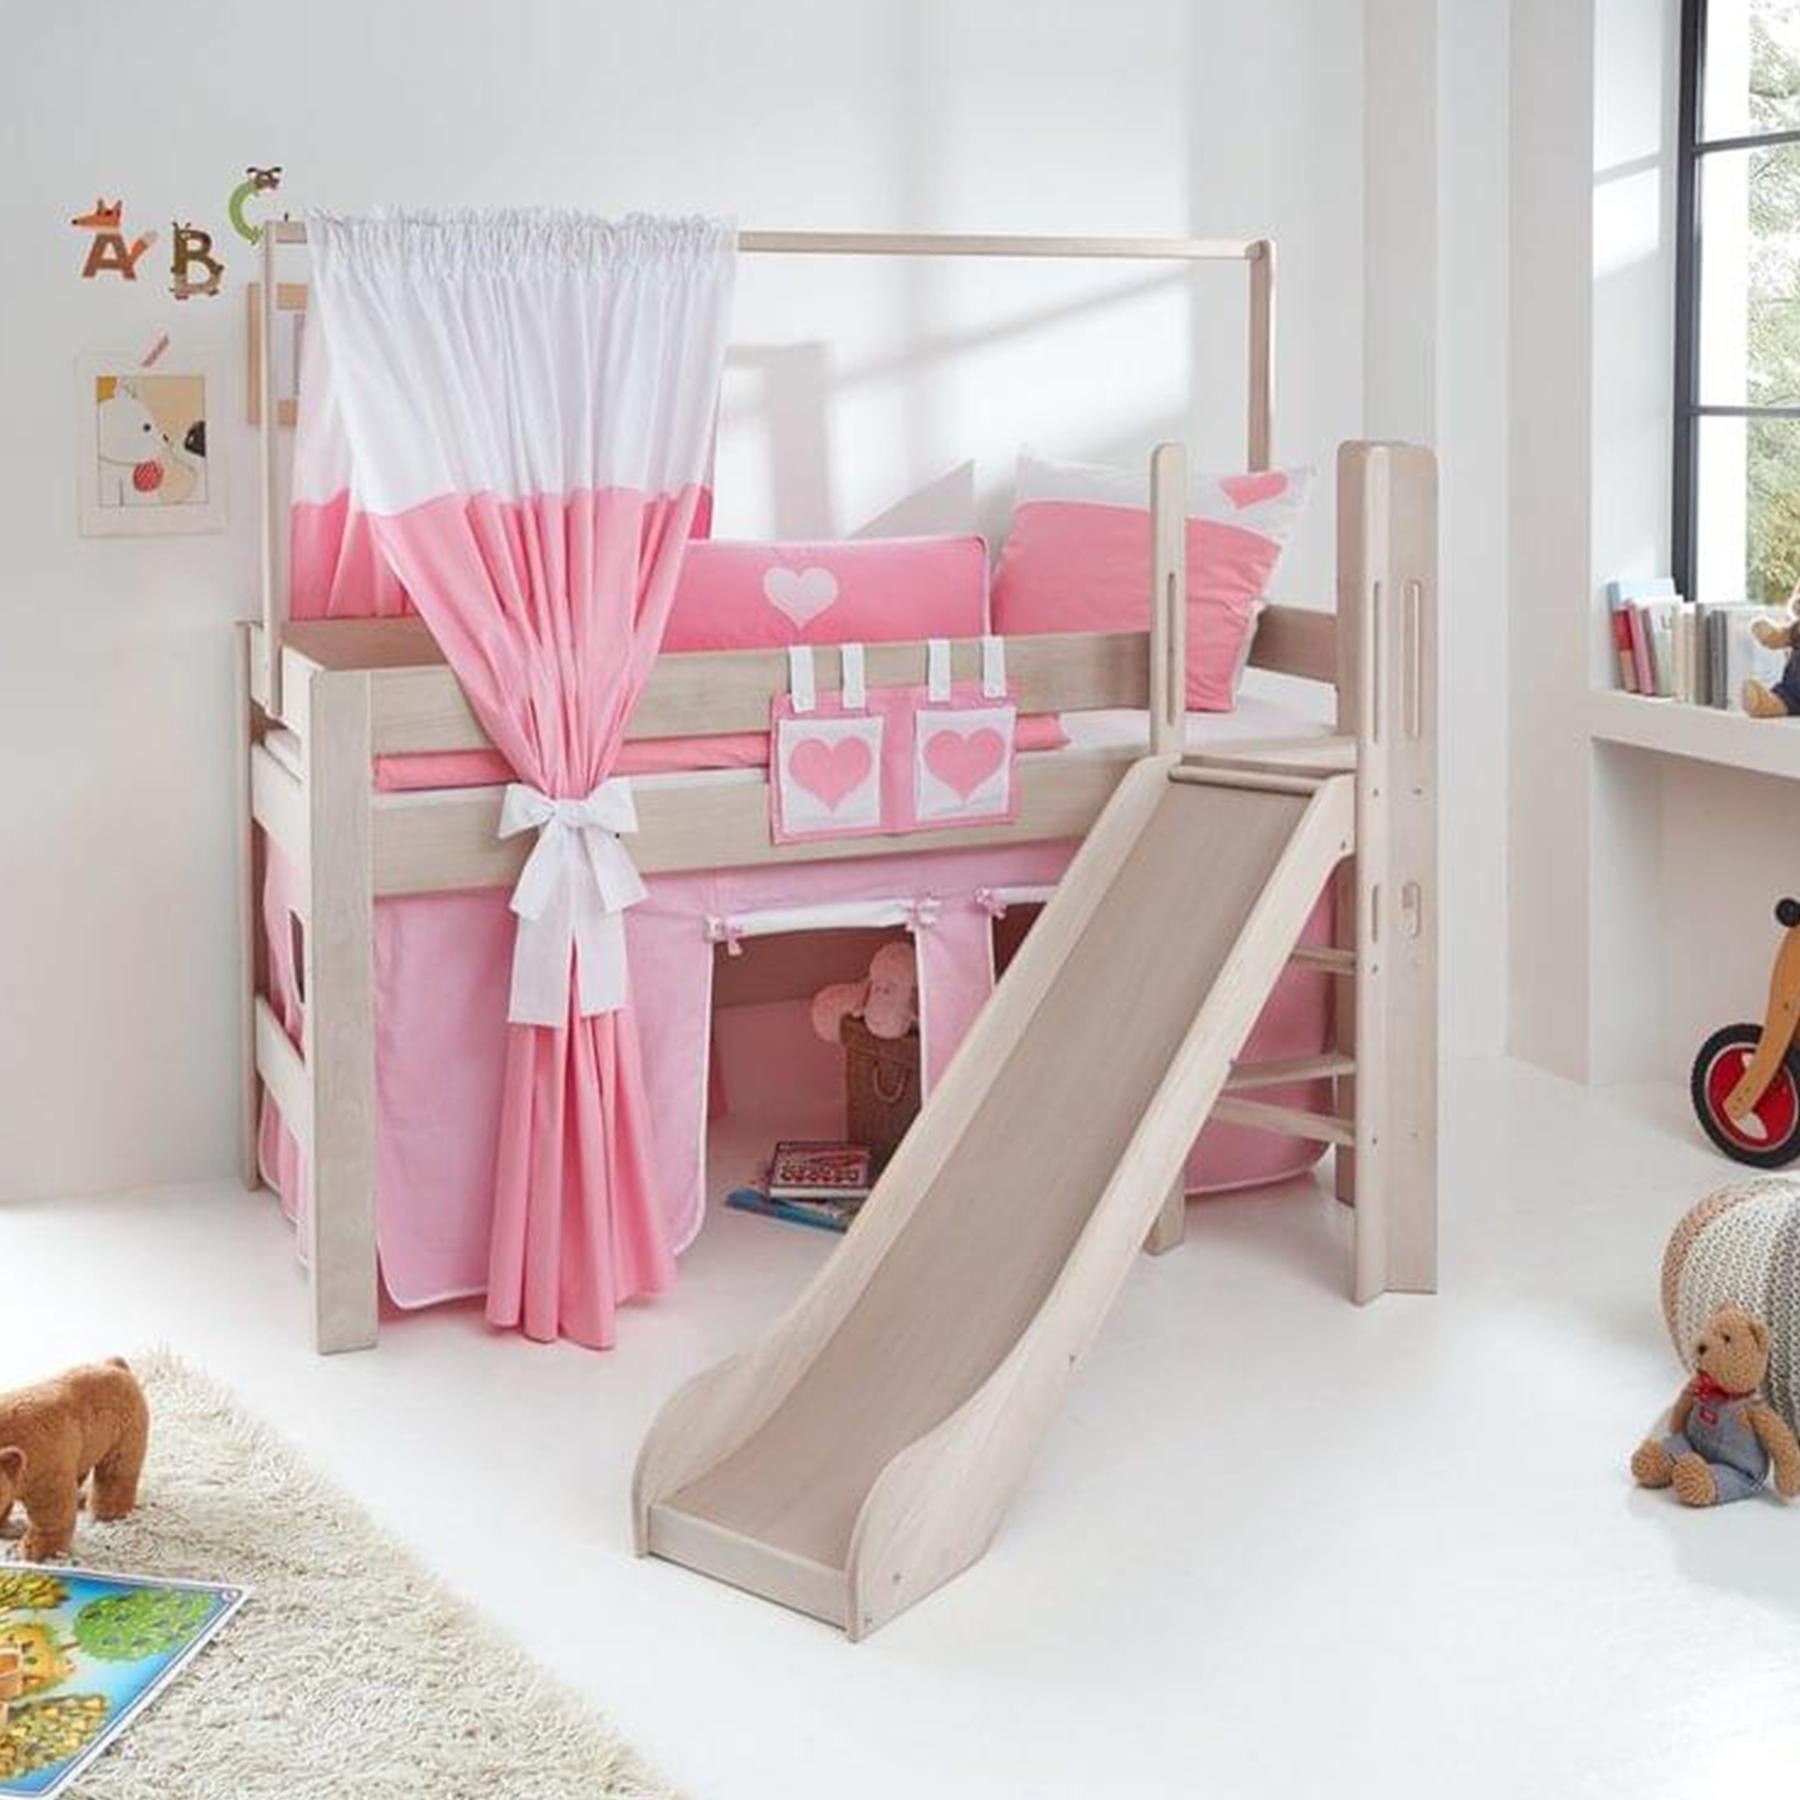 Kinderhochbett Holz Mit Rutsche Vorhang Weiss Pink Herzen